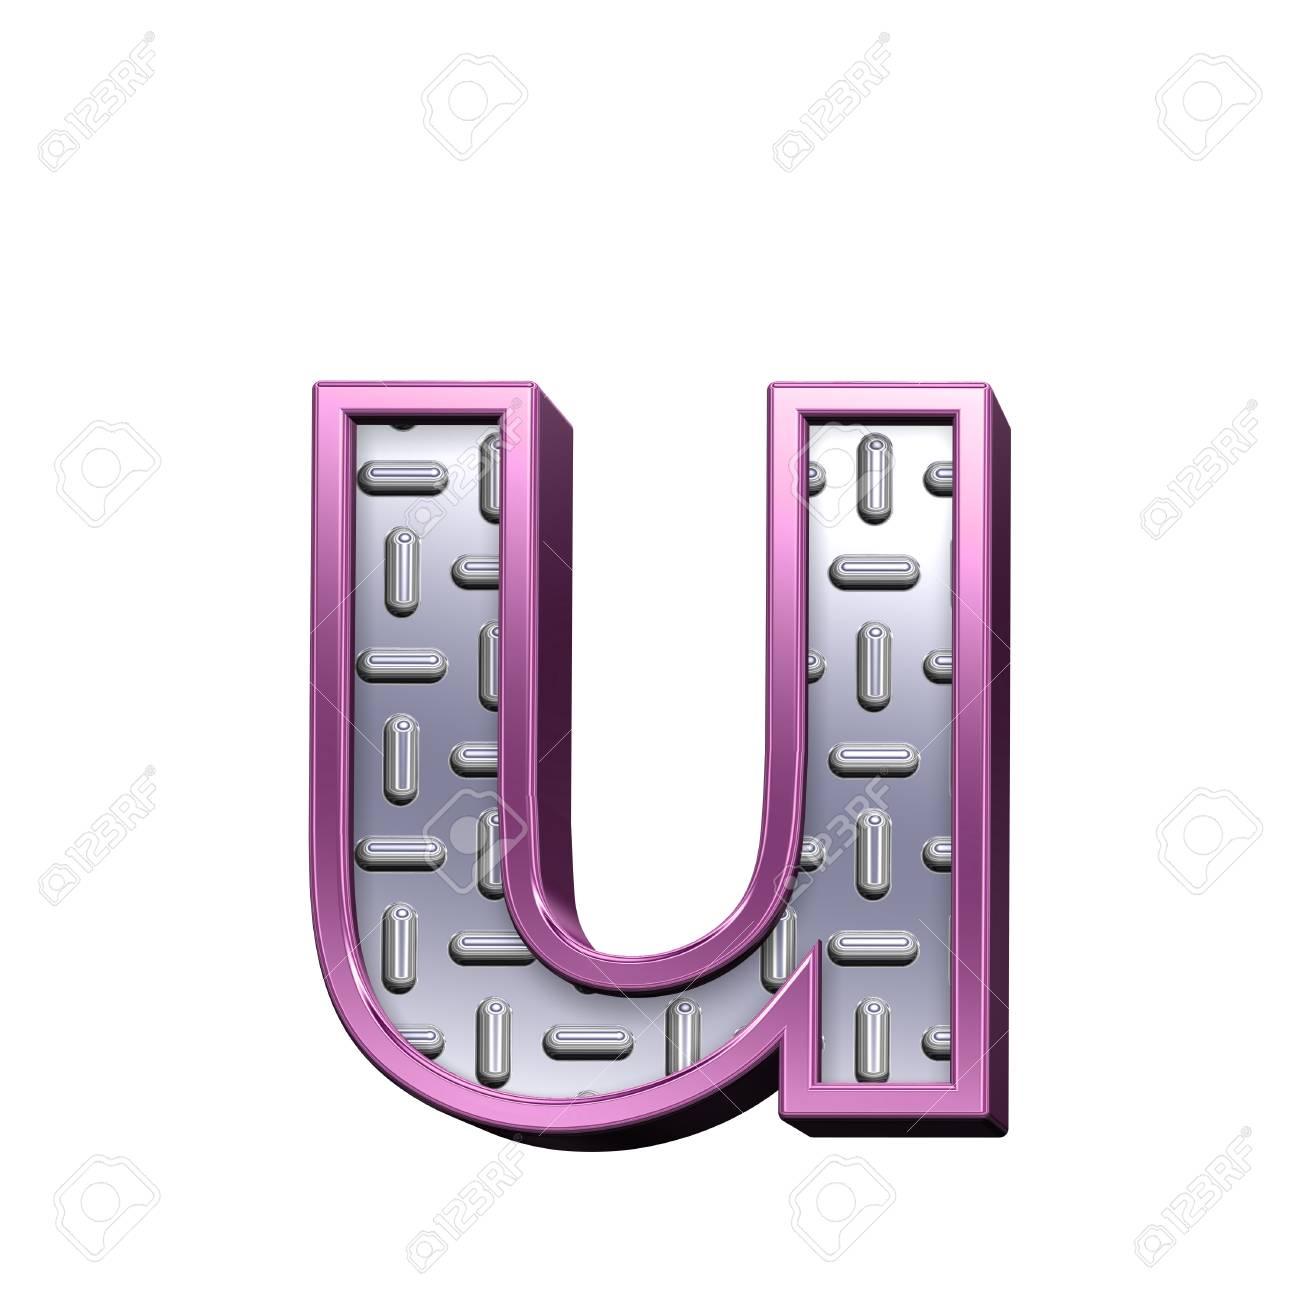 Una Carta De Acero Escultura Placa Con El Sistema Alfabético Marco ...